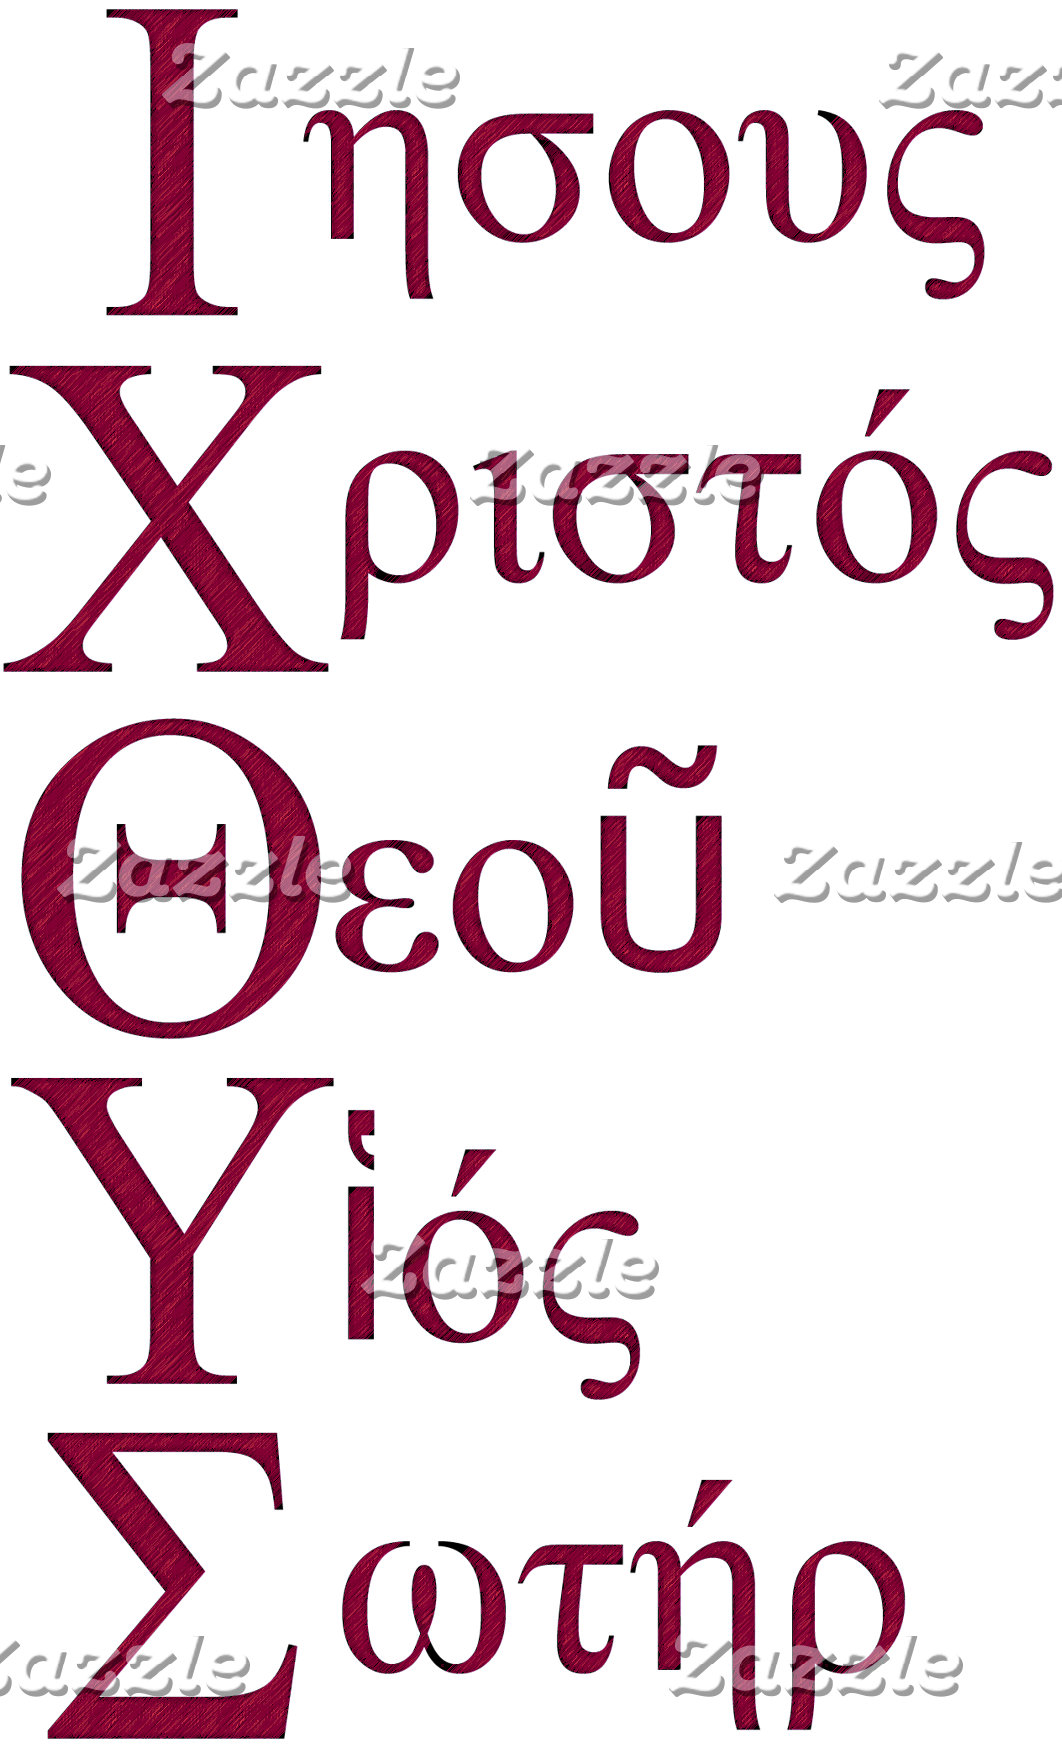 IXOYE Acrostic